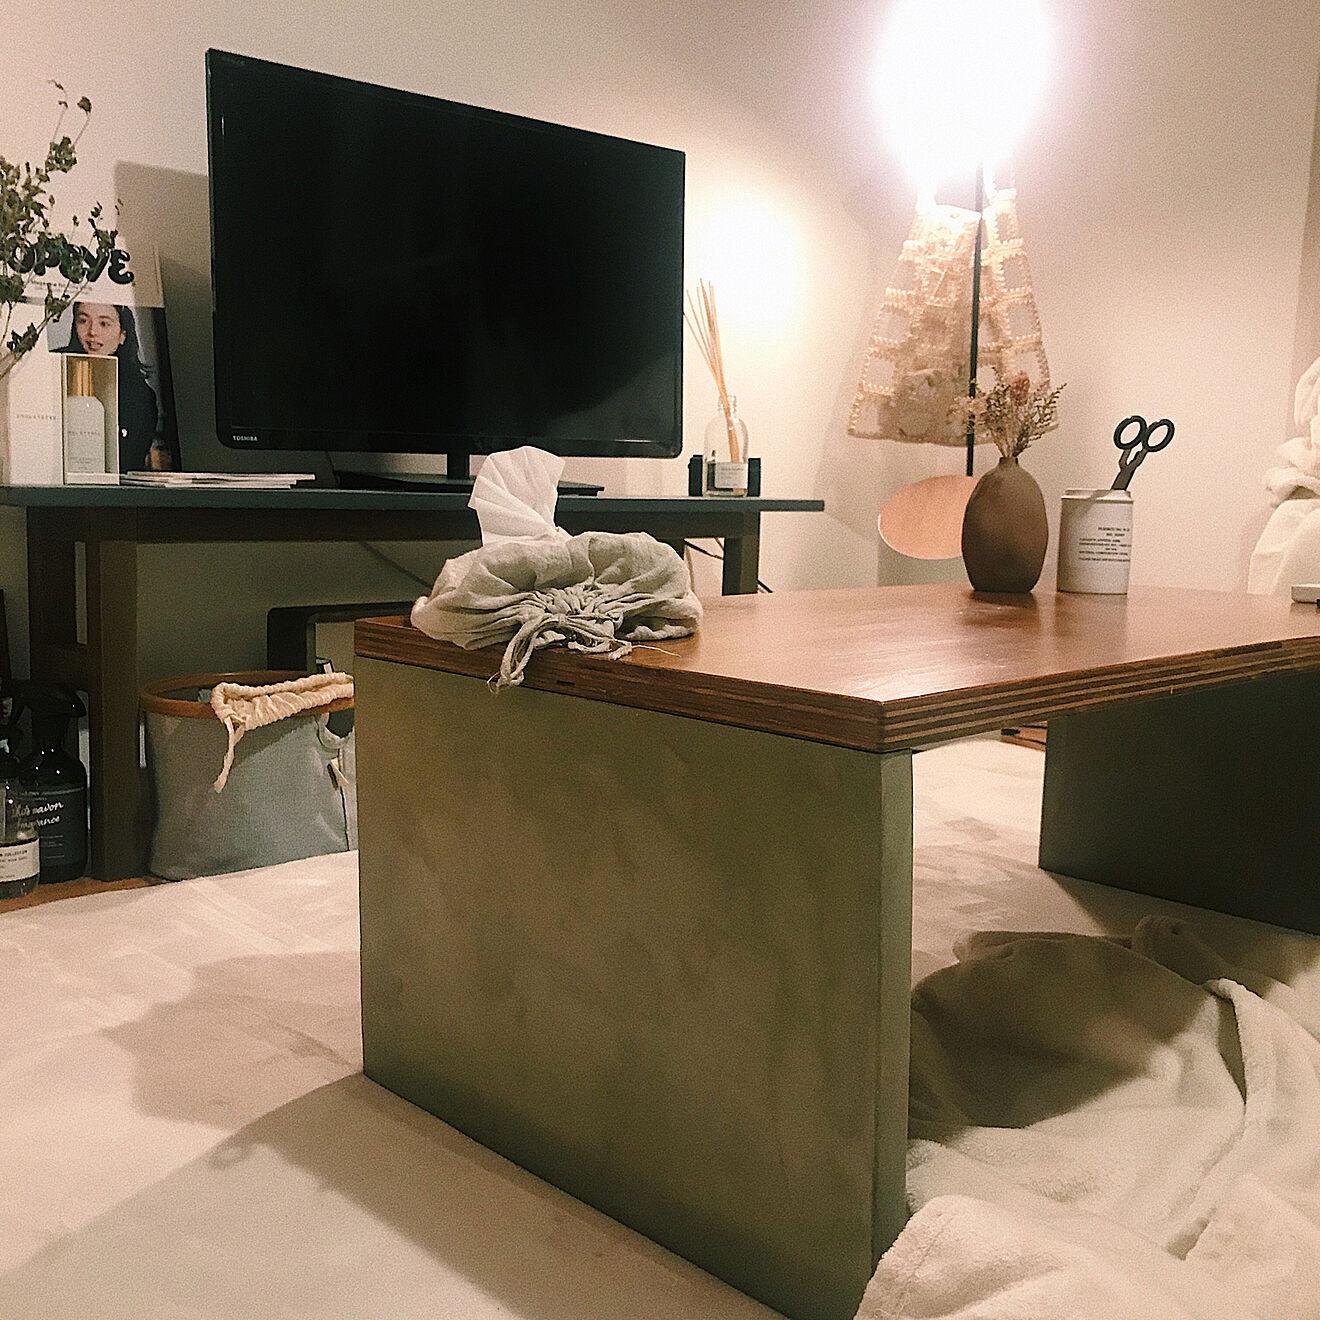 「29m2。癒しと小粋を楽しむ、ゆるやかでシンプルなお部屋づくり」 by ori.さん